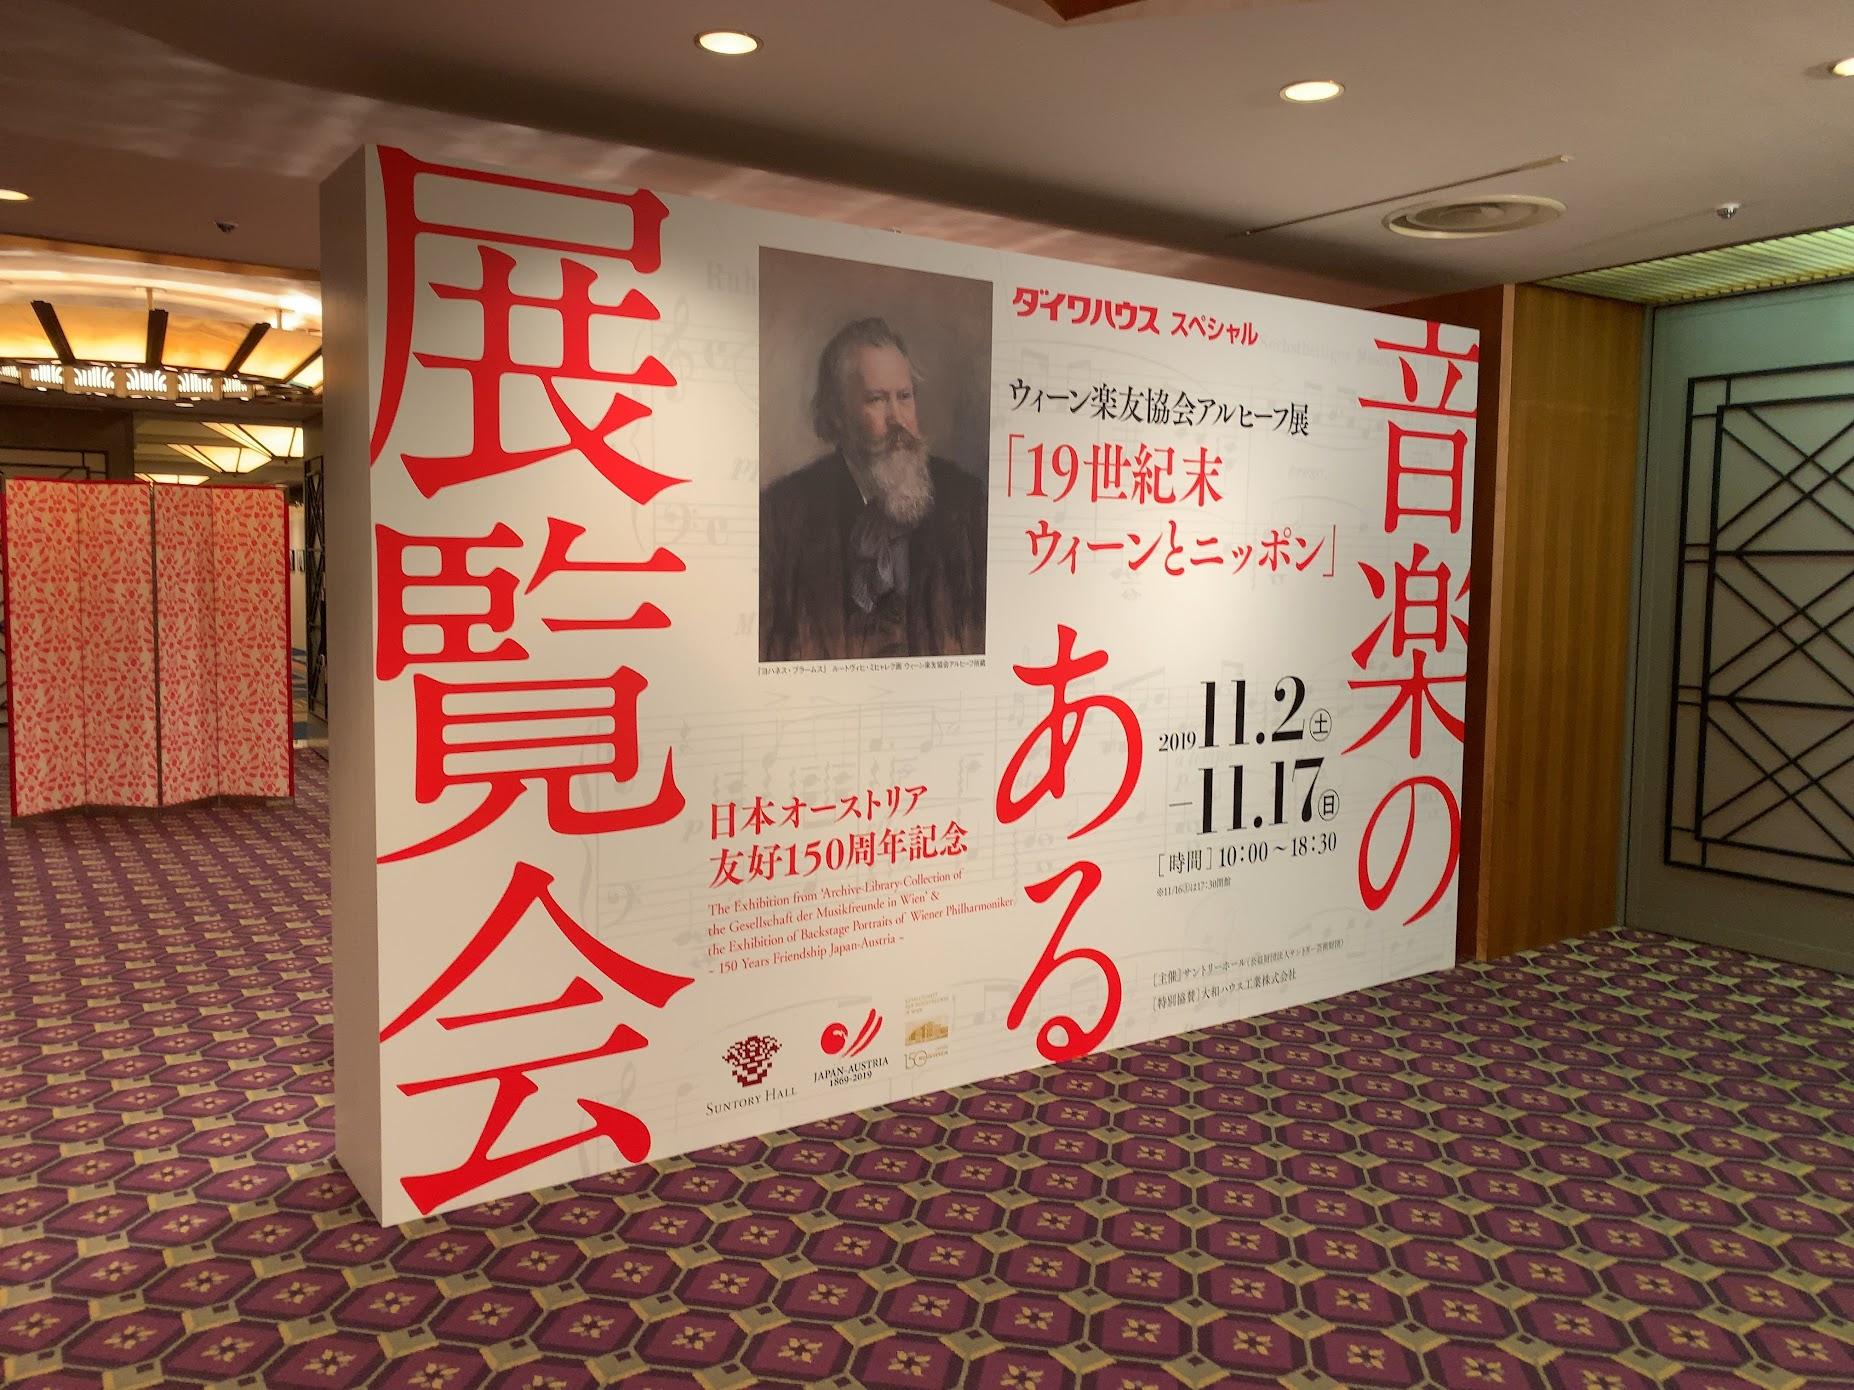 「音楽のある展覧会」を鑑賞してきました。